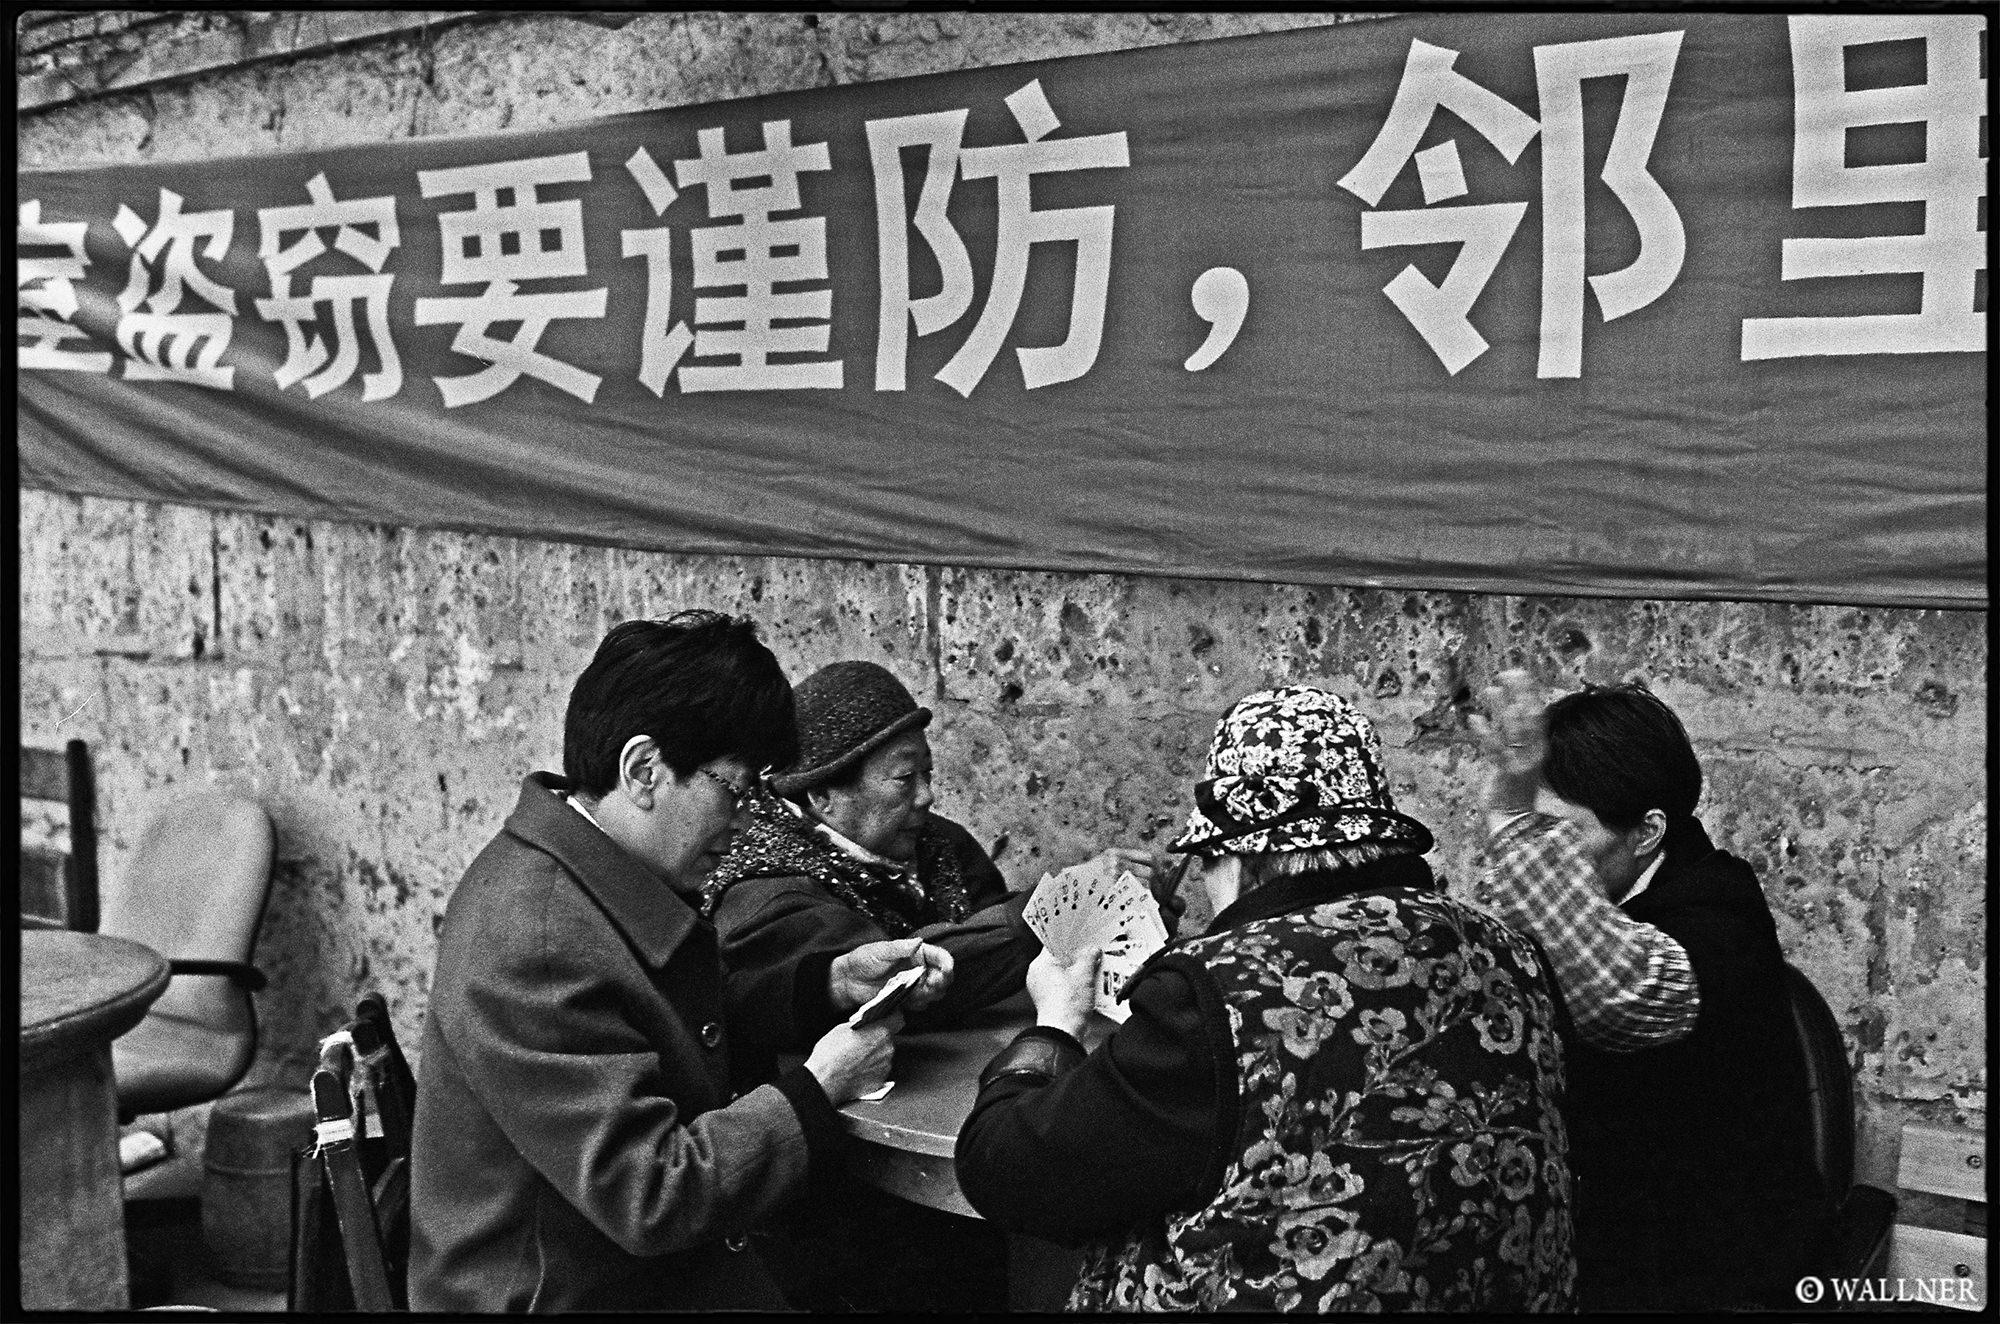 35mmPatrikWallner_Shanghai_AngryCardMob LOWQ 2000P